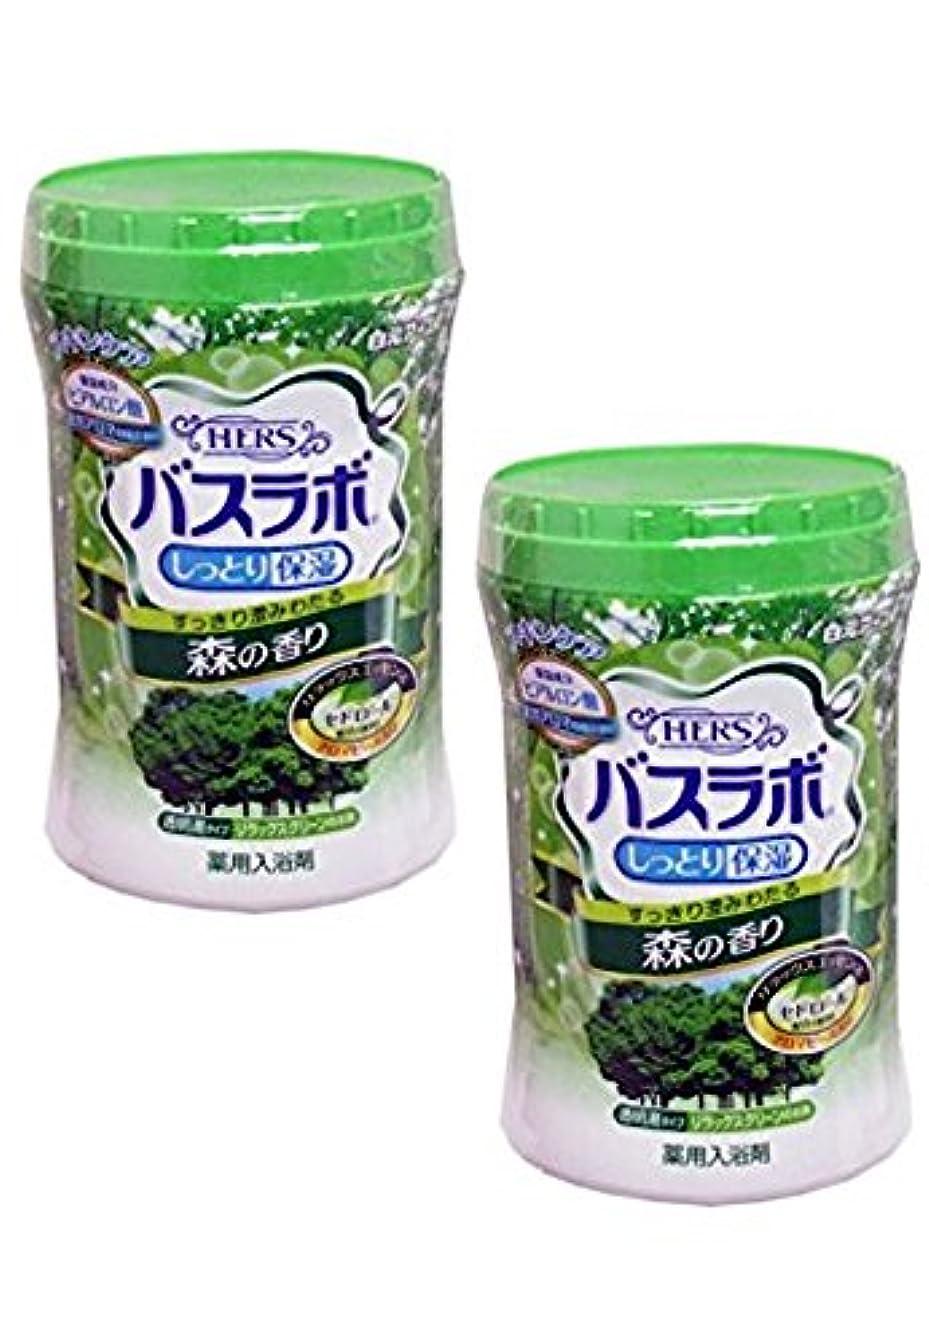 異常なブラスト縫い目バスラボ しっとり保湿 薬用入浴剤 森の香り 680g 2個 [並行輸入品]